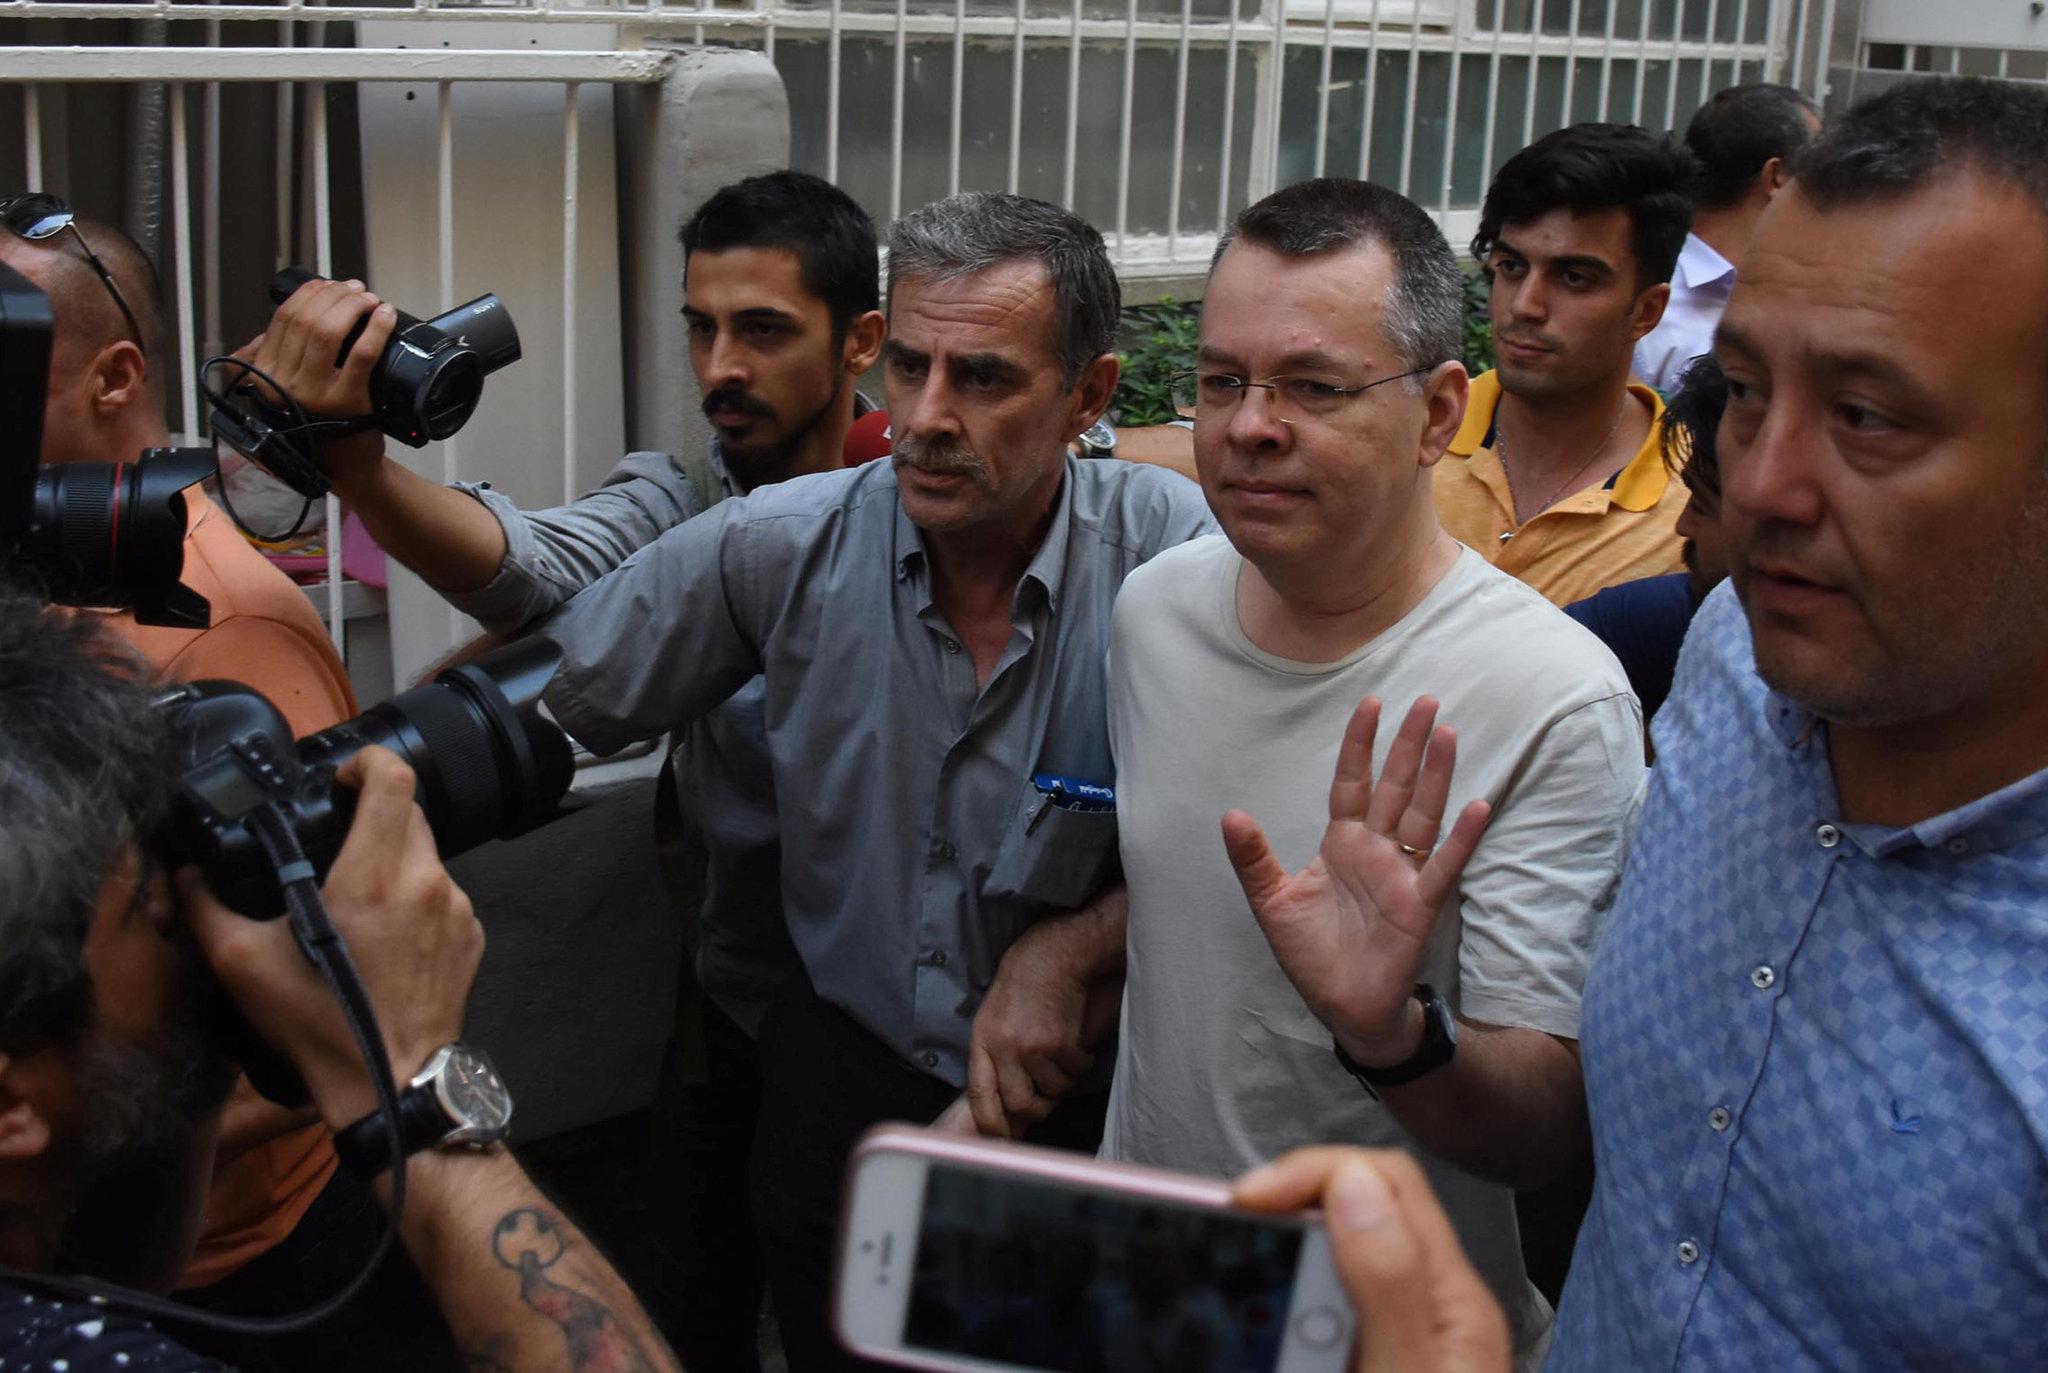 El juez turco permitirá la liberación del pastor evangélico estadounidense Andrew Brunson